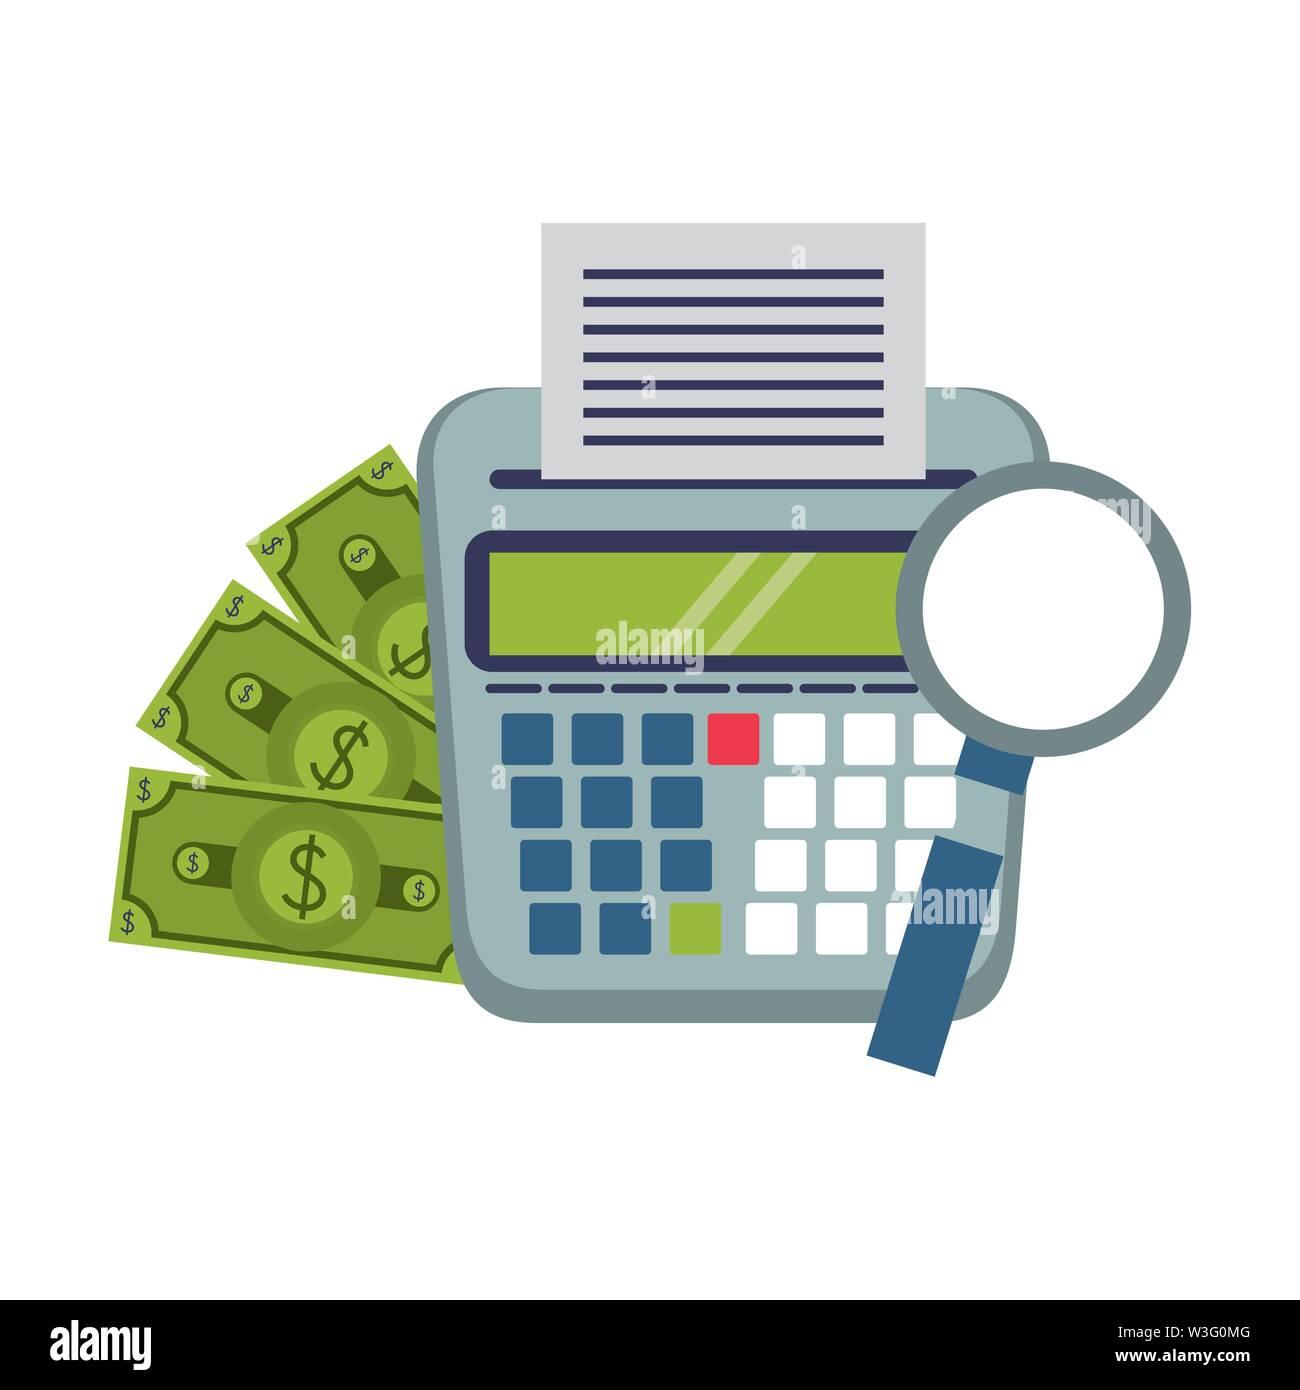 Geld sparen Unternehmen persönliche Finanzen balance berechnen Elemente cartoon Vector Illustration graphic design Stockbild